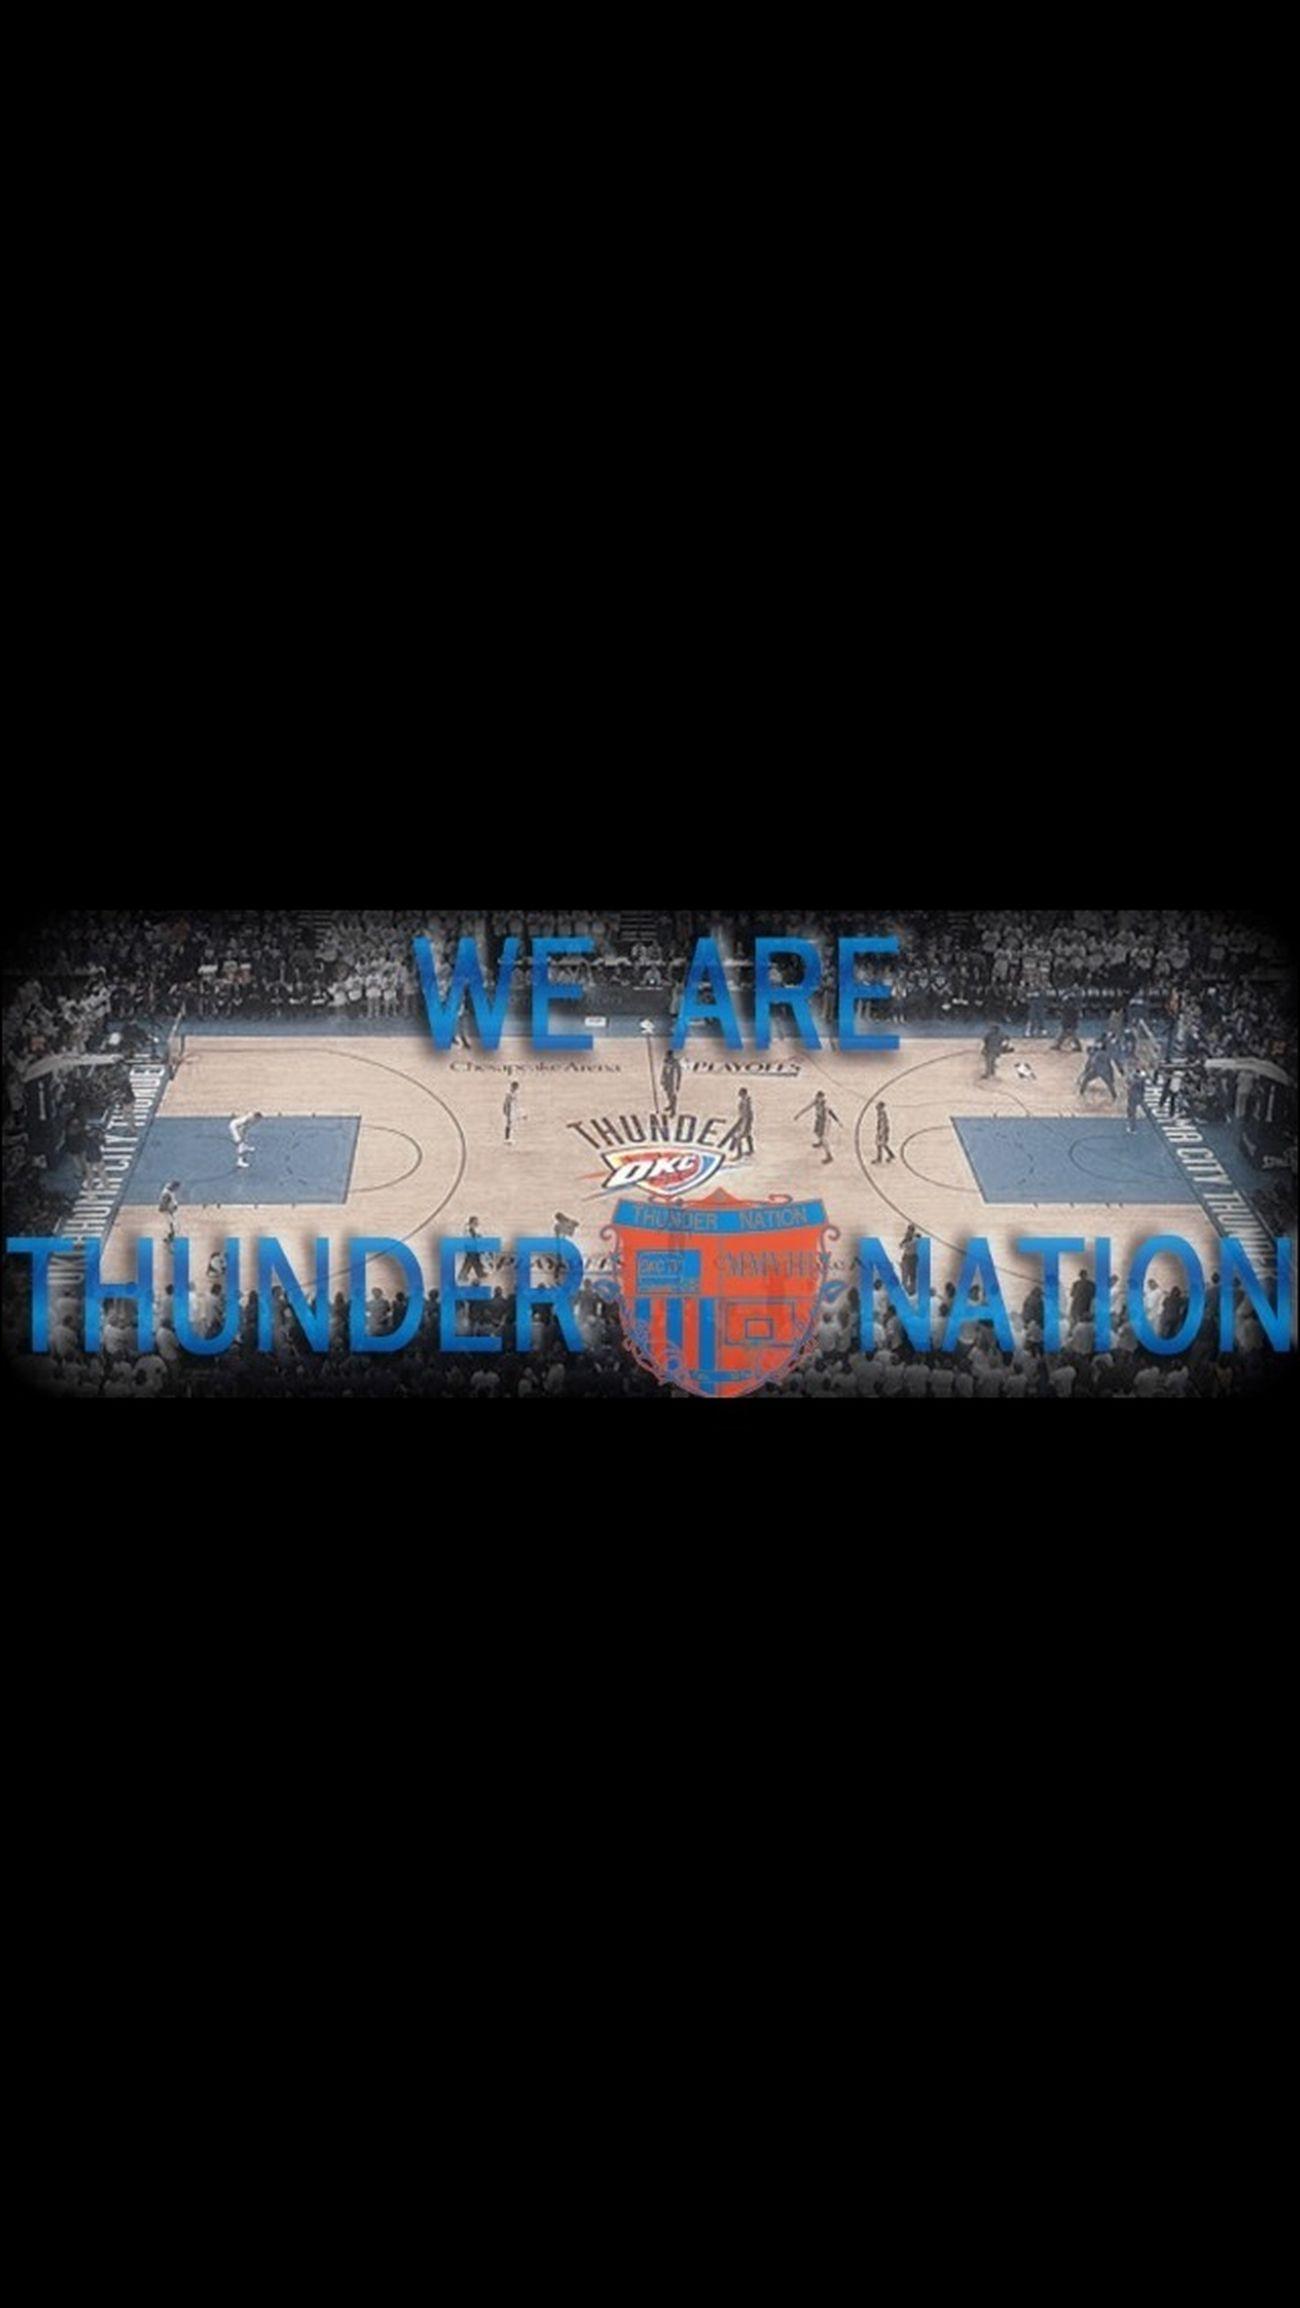 #ThunderUp!!! ⚡